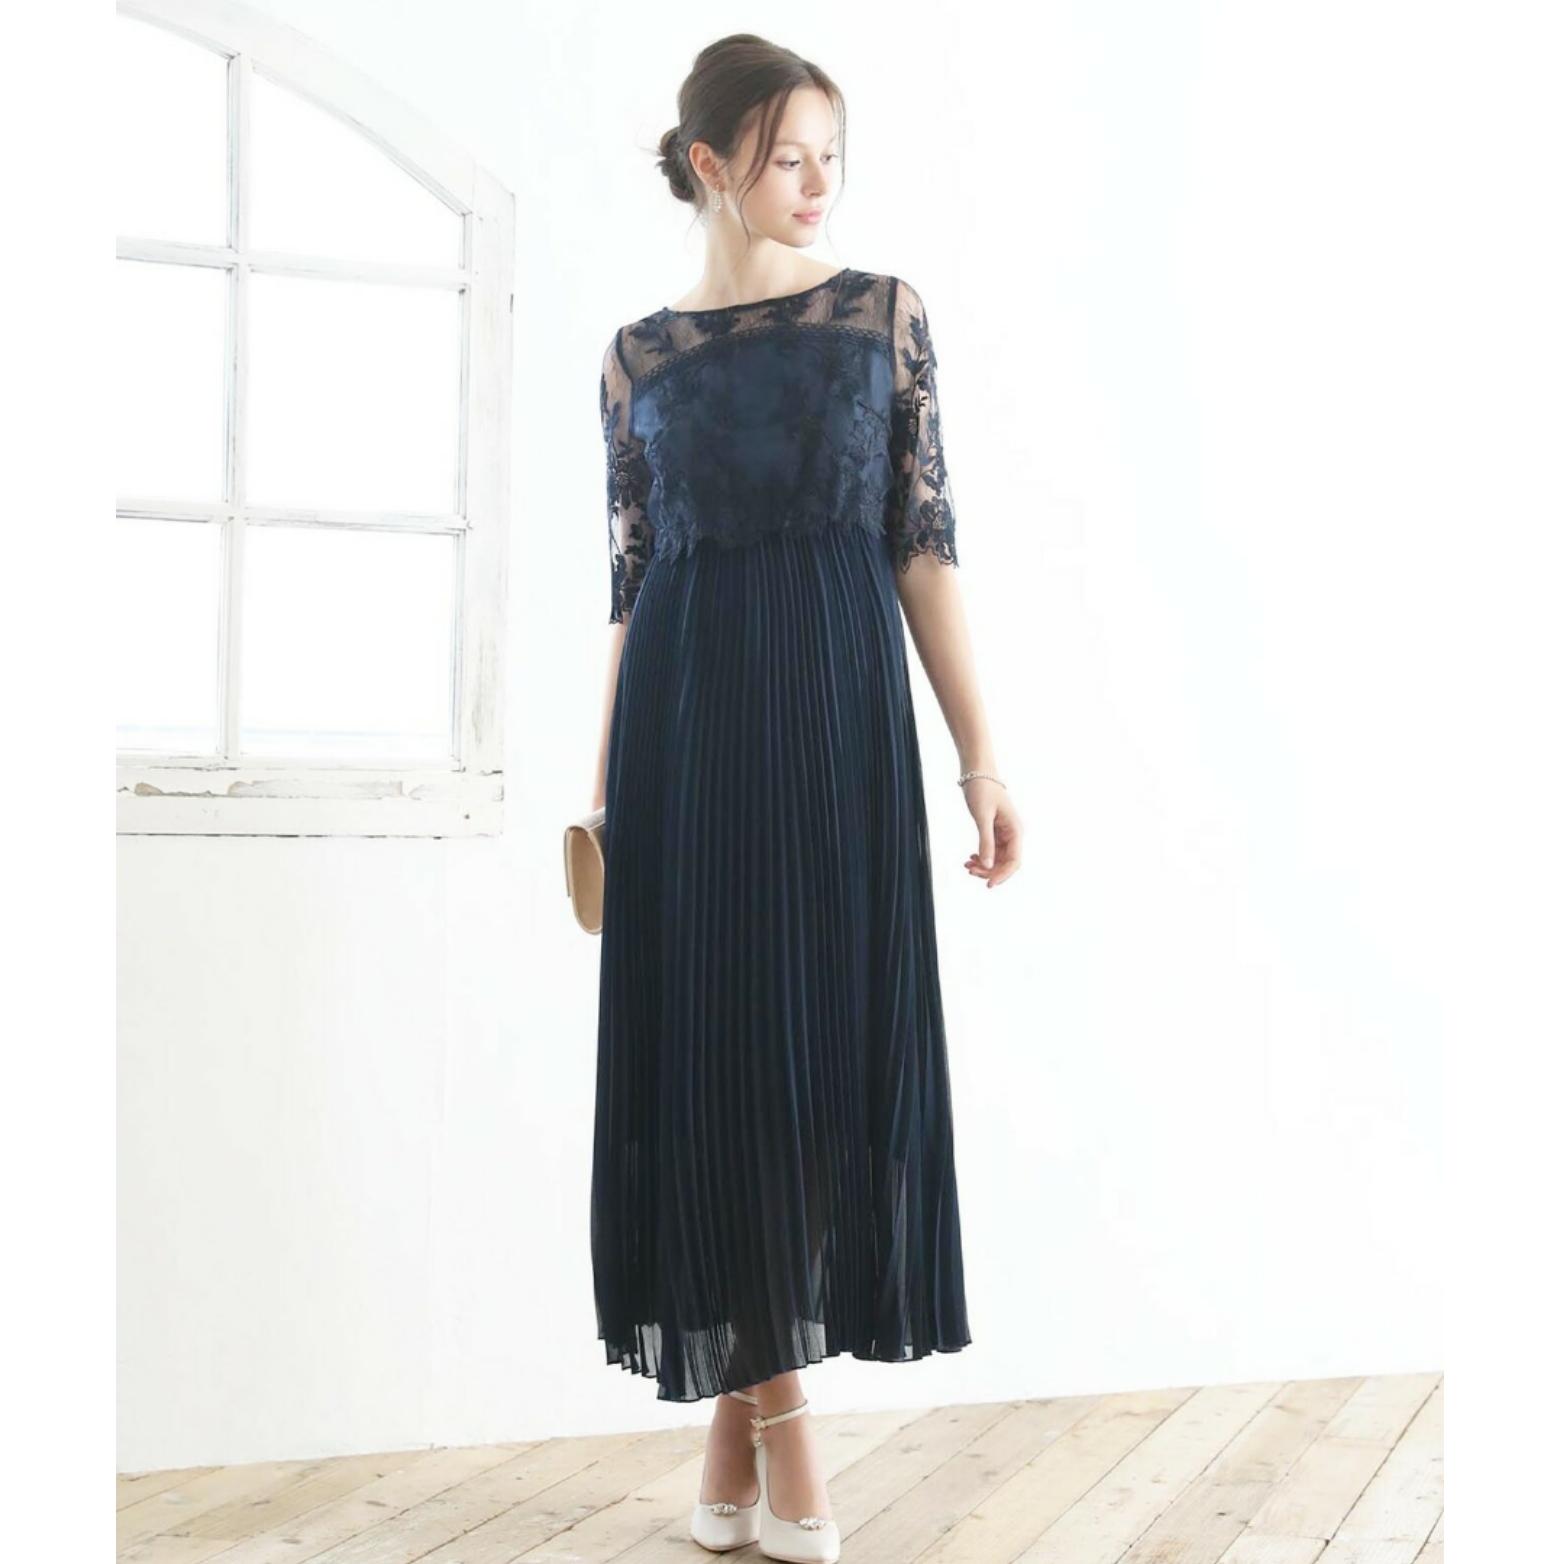 【ネイビー】刺繍レース切り替えプリーツスカートロングワンピース 袖付きドレス